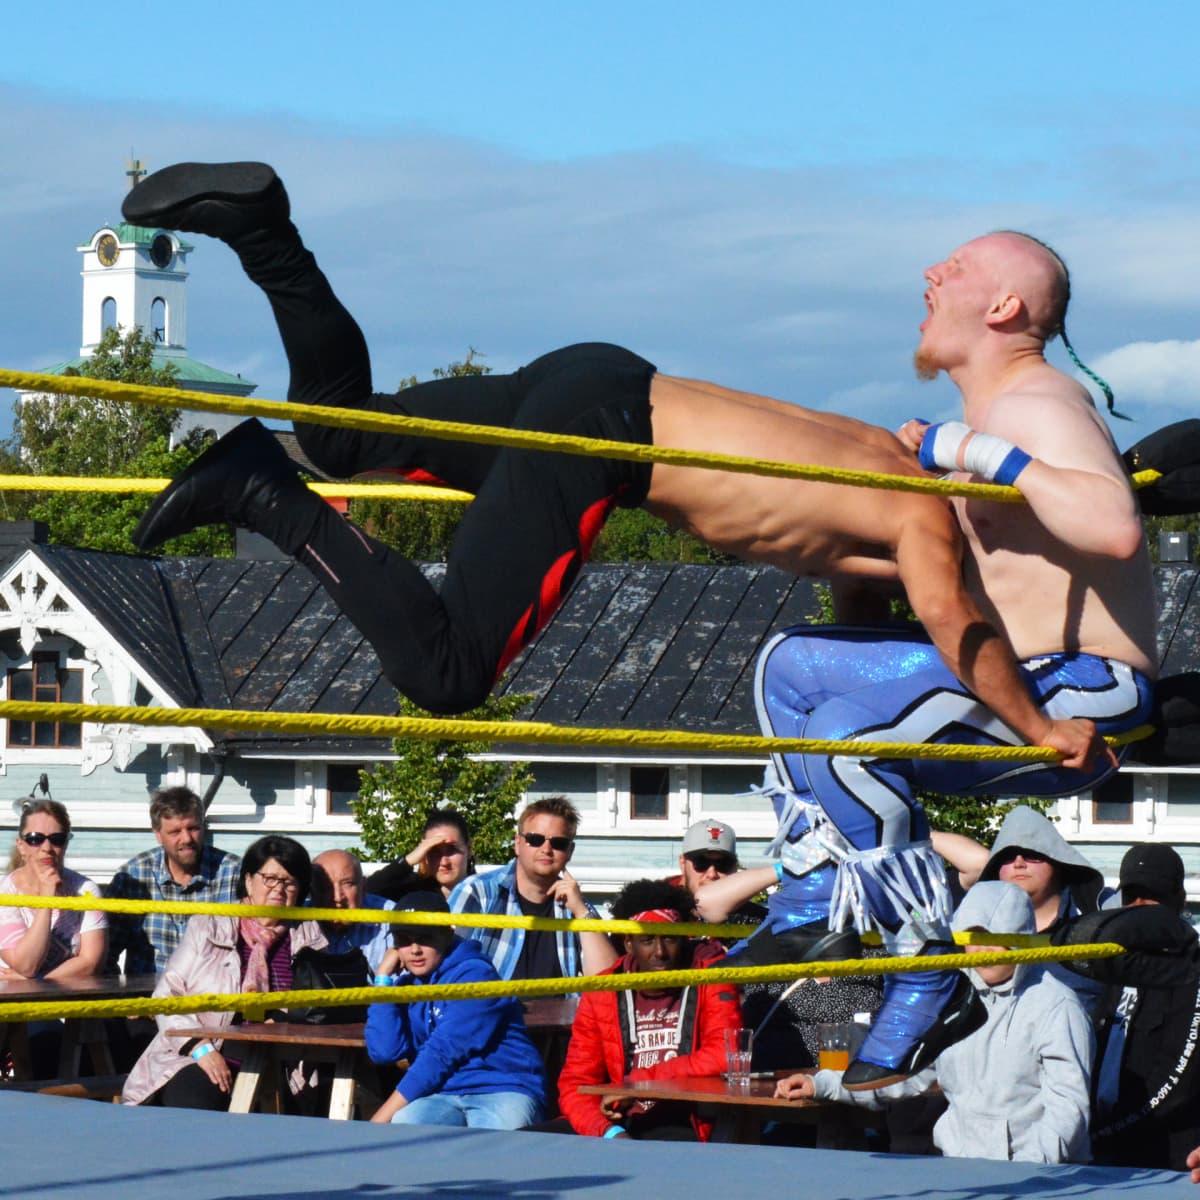 Lähes parisataa ammattipainin ystävää kokoontui lauantai-iltana raumalaisen kauppakeskuksen kattoterassille Wrestle Aid -tapahtumaan.